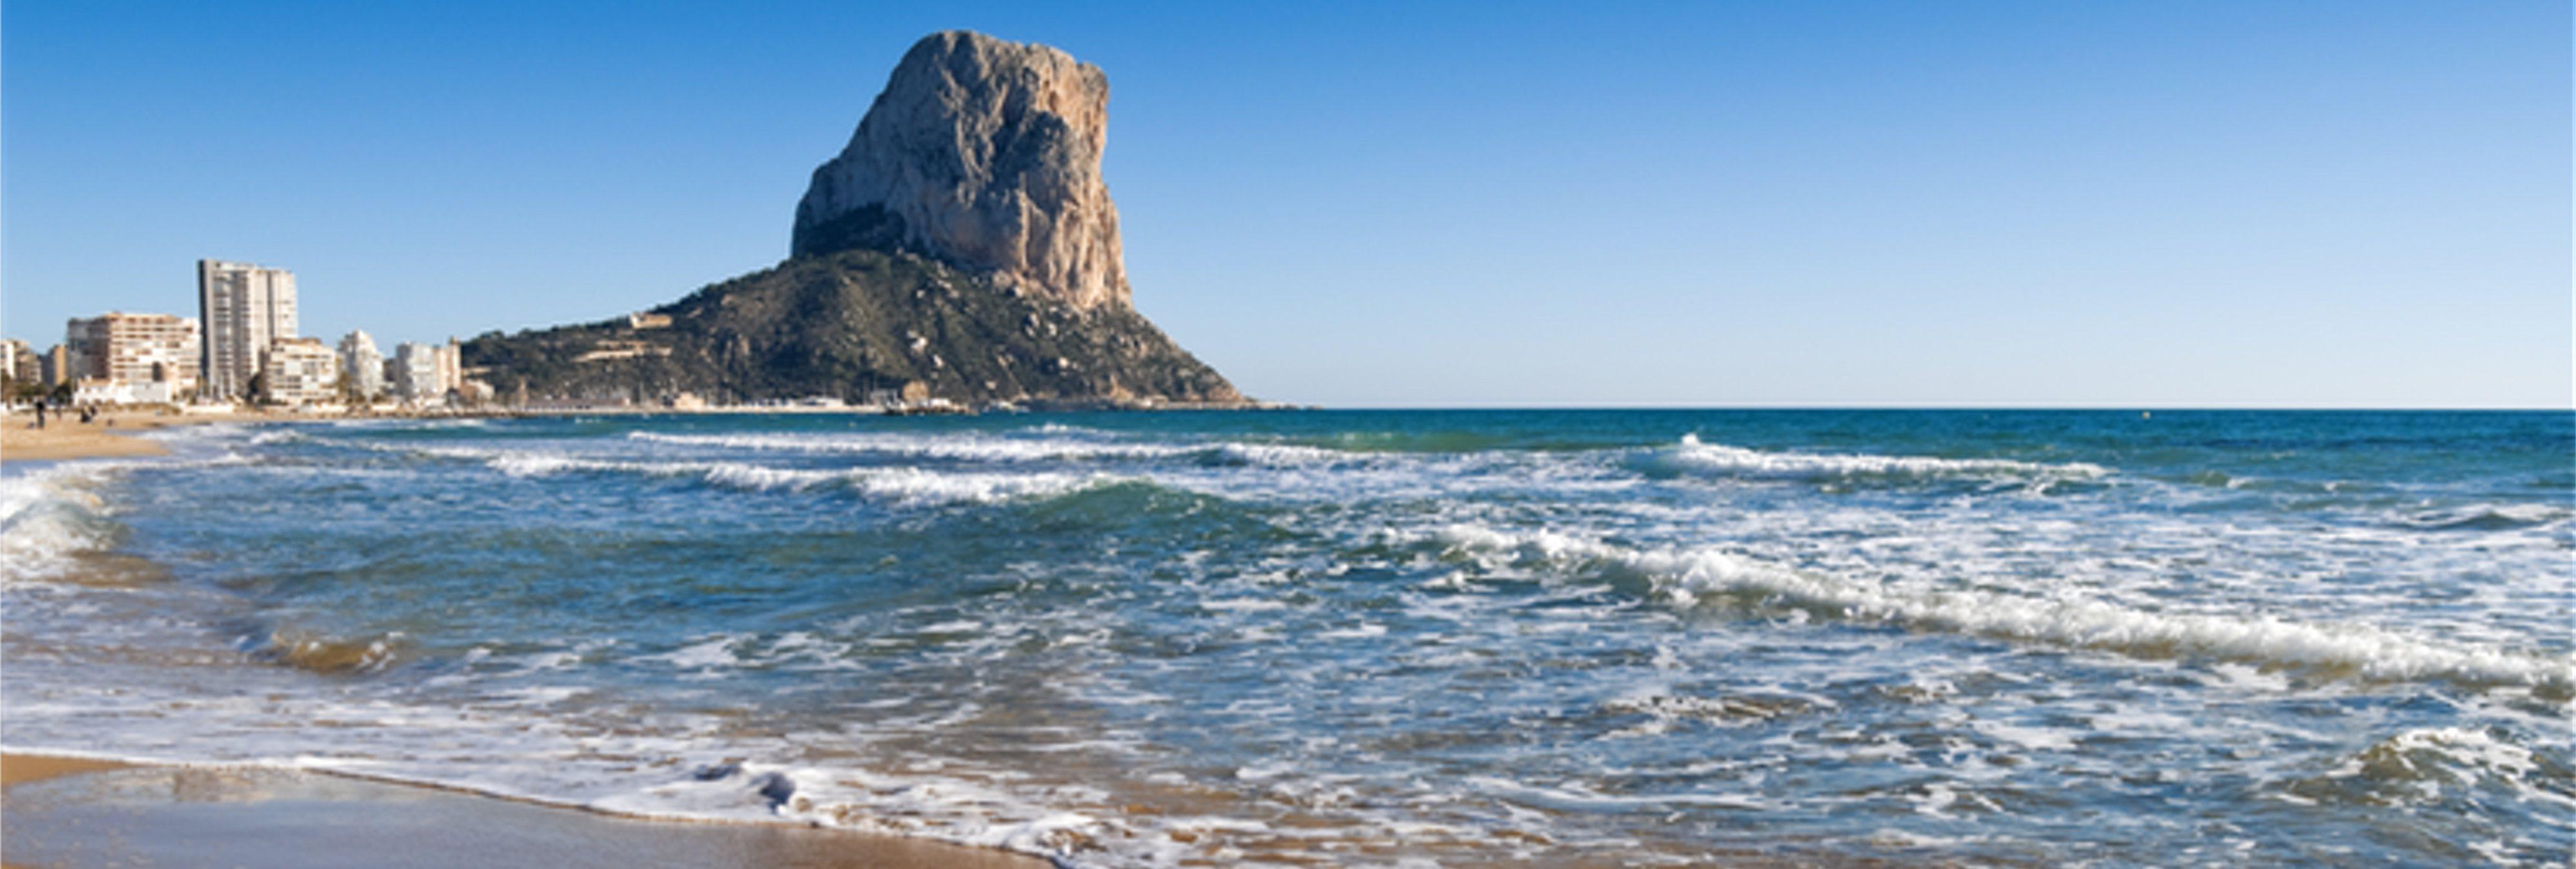 Estas son todas las playas españolas en las que ya no se puede fumar